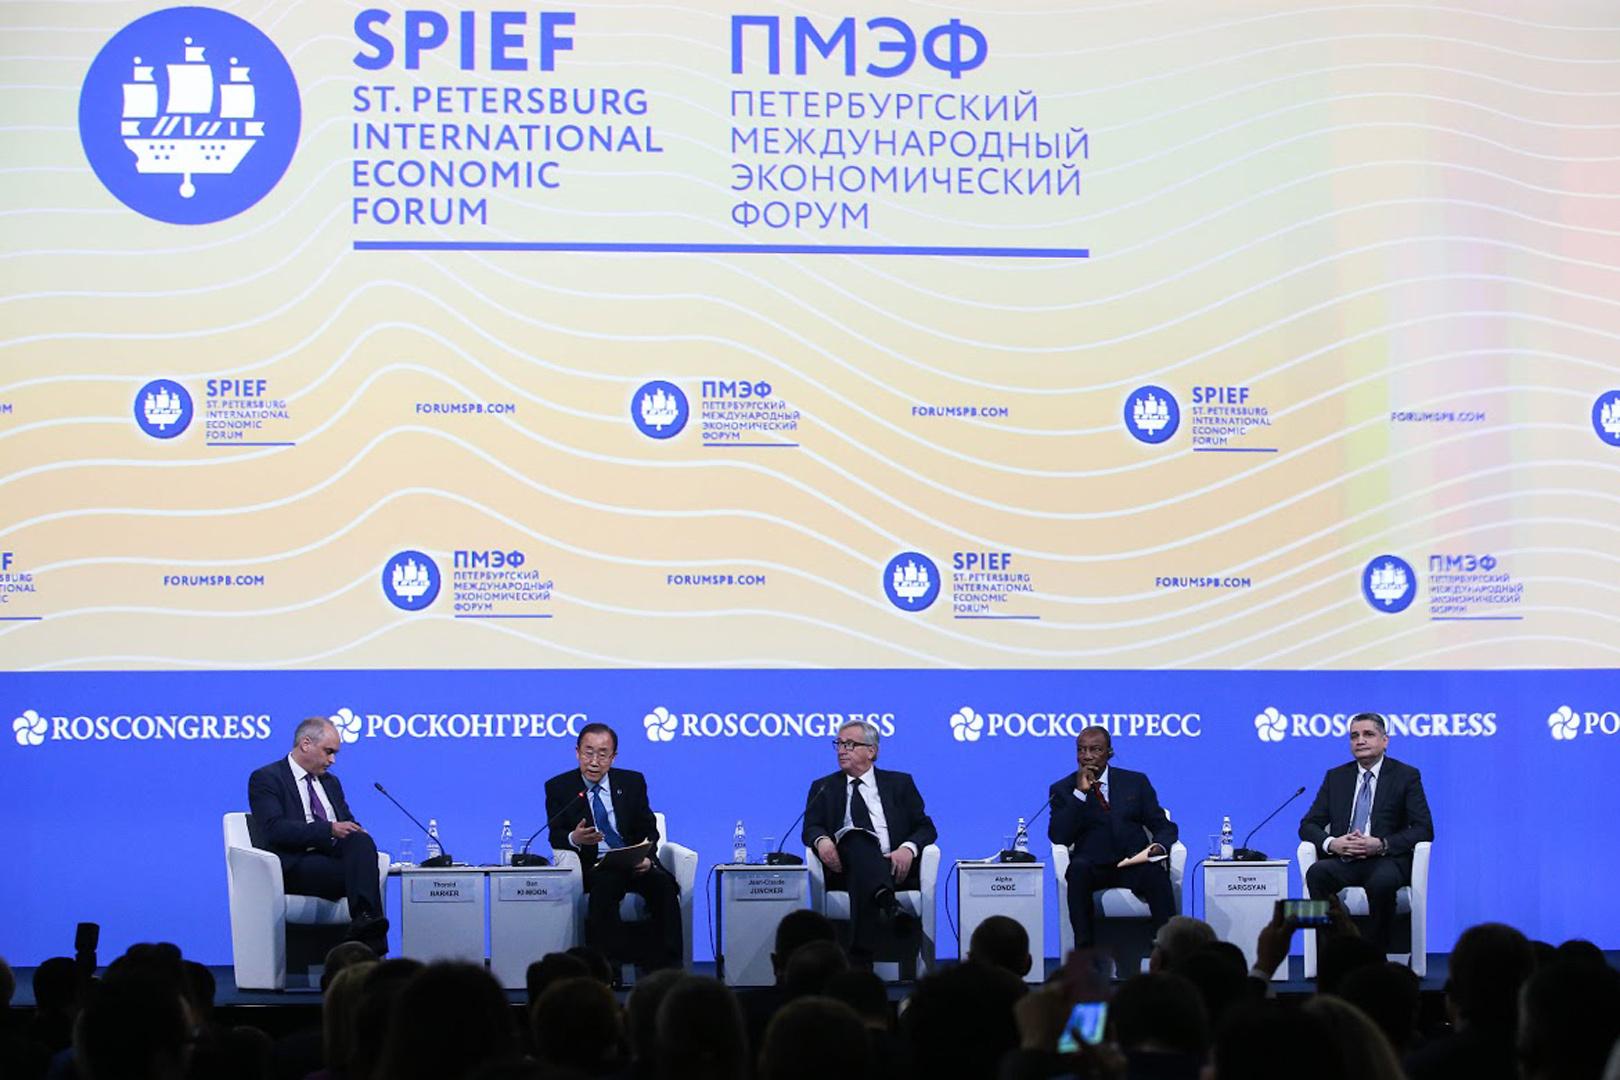 Петербургский международный экономический форум. Фото: Артем КОРОТАЕВ/ТАСС